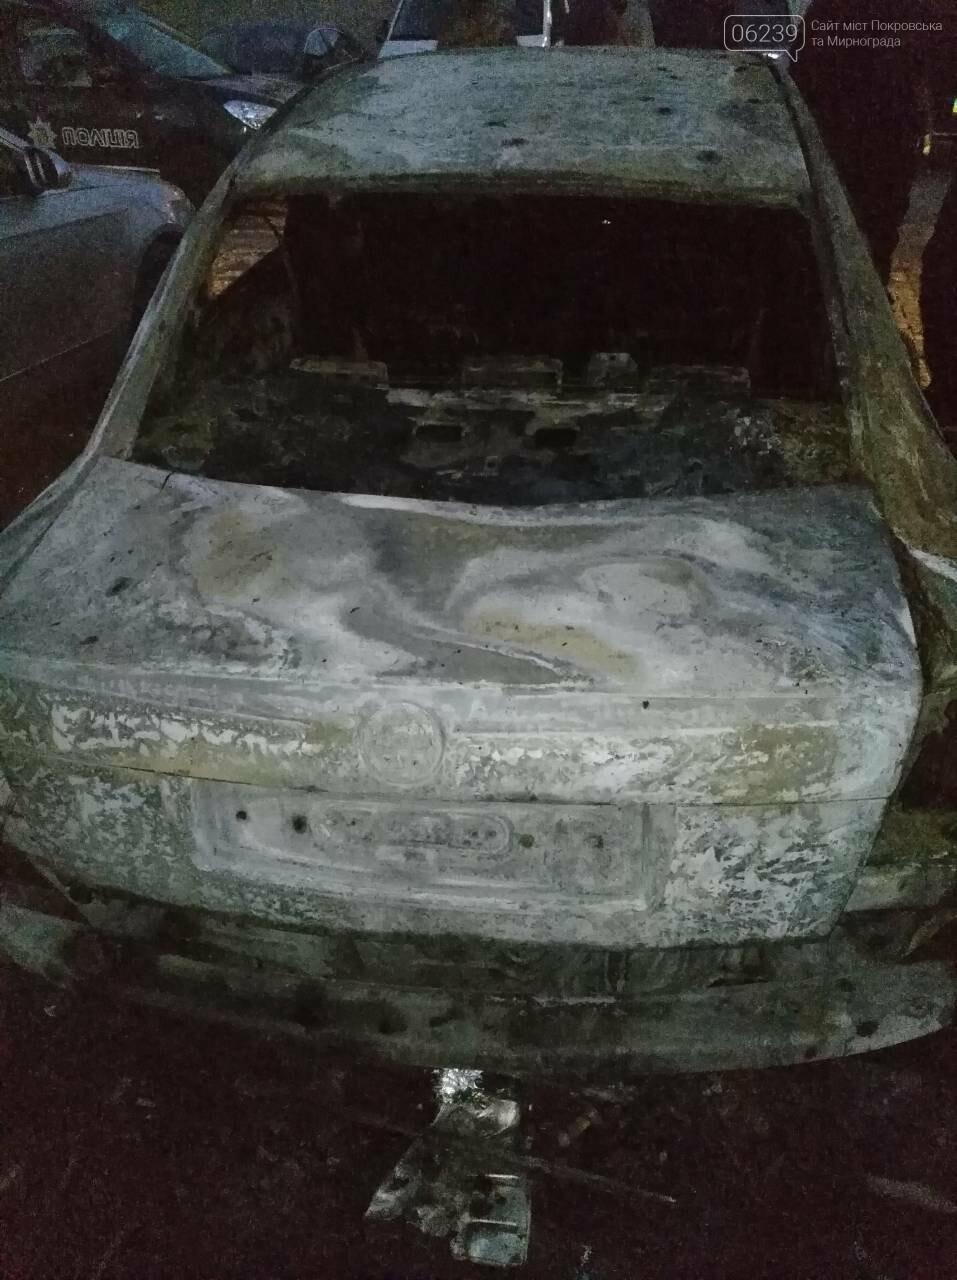 Поджог или  случайность: в Покровске этой ночью горели 4 автомобиля, фото-1